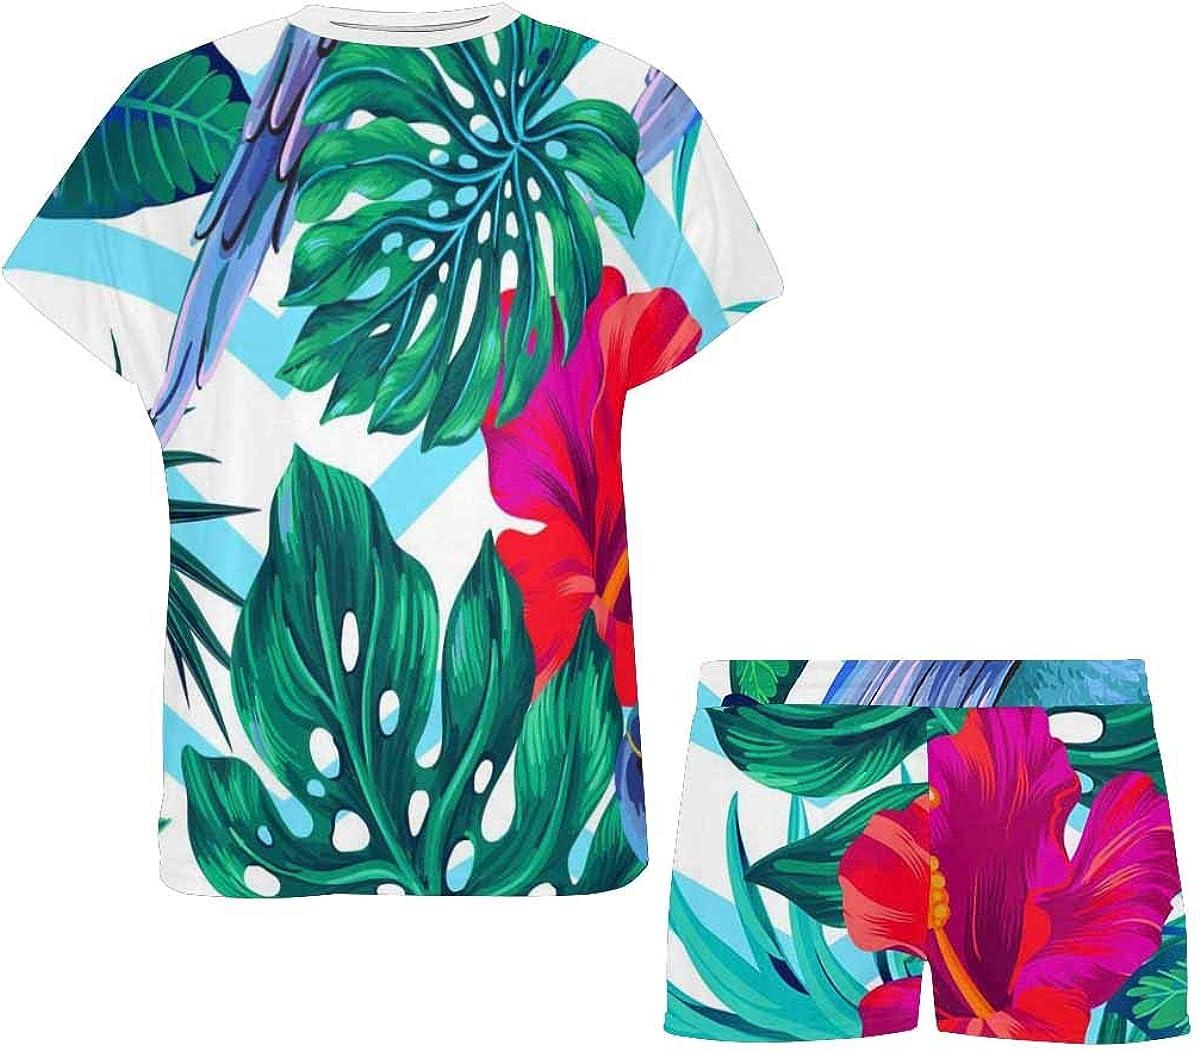 INTERESTPRINT Pattern with Tropical Parrots Women's Lightweight Pajama Set, Short Summer Pjs